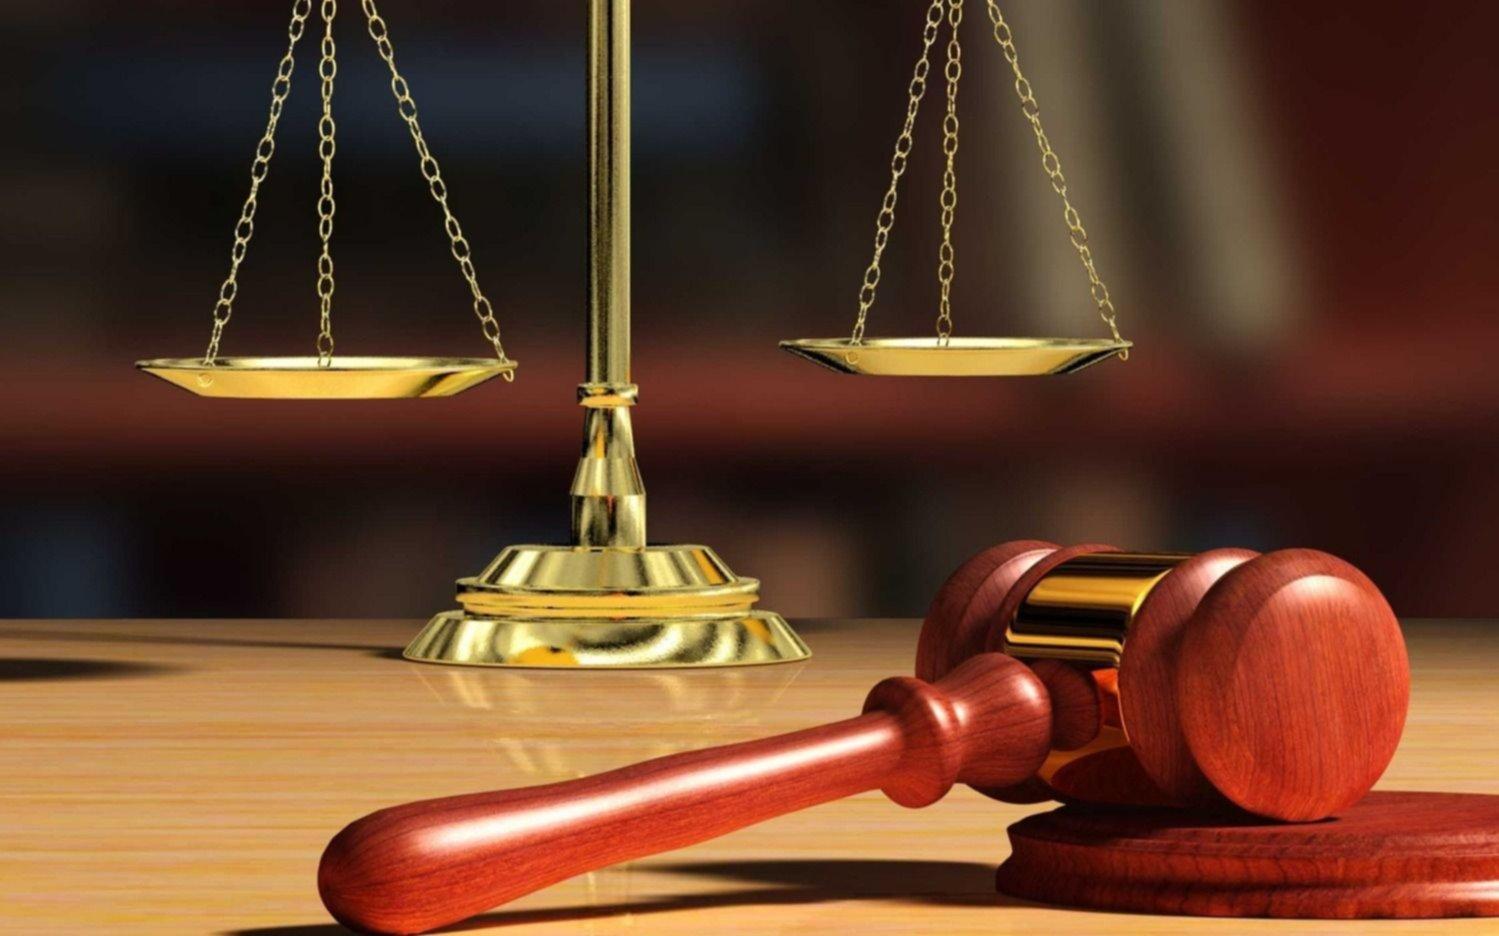 Un fiscal denunció un sistema ilegal de recaudación en la Federal de Santa Fe